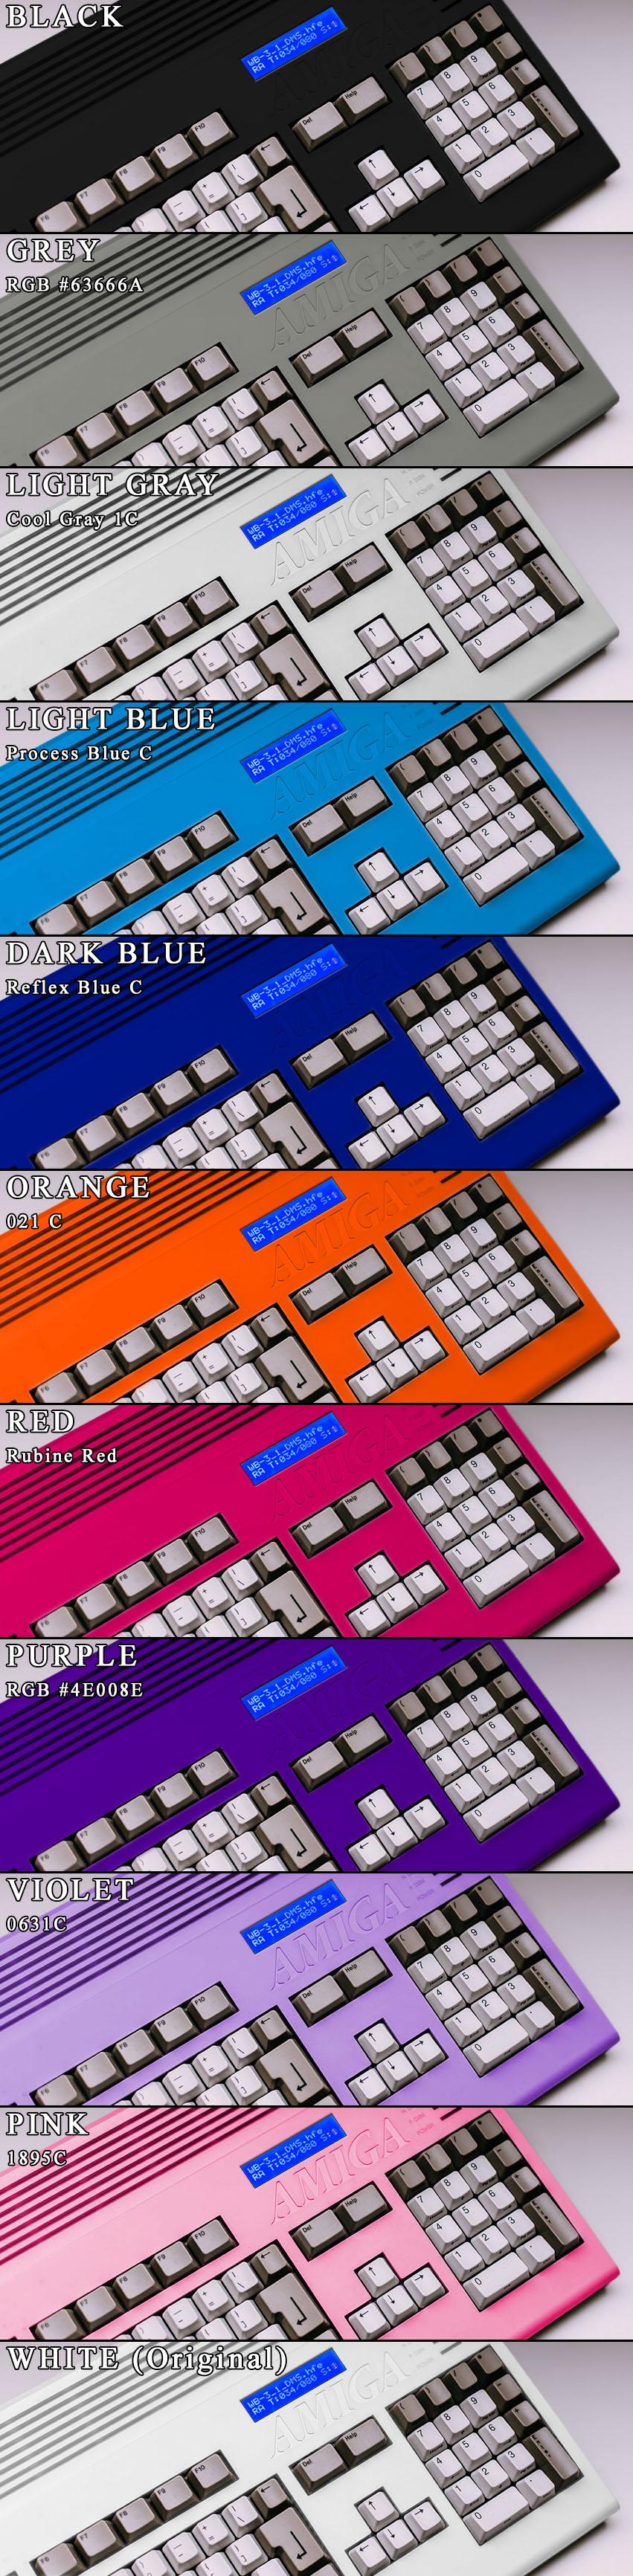 Amiga 1200 case - colours